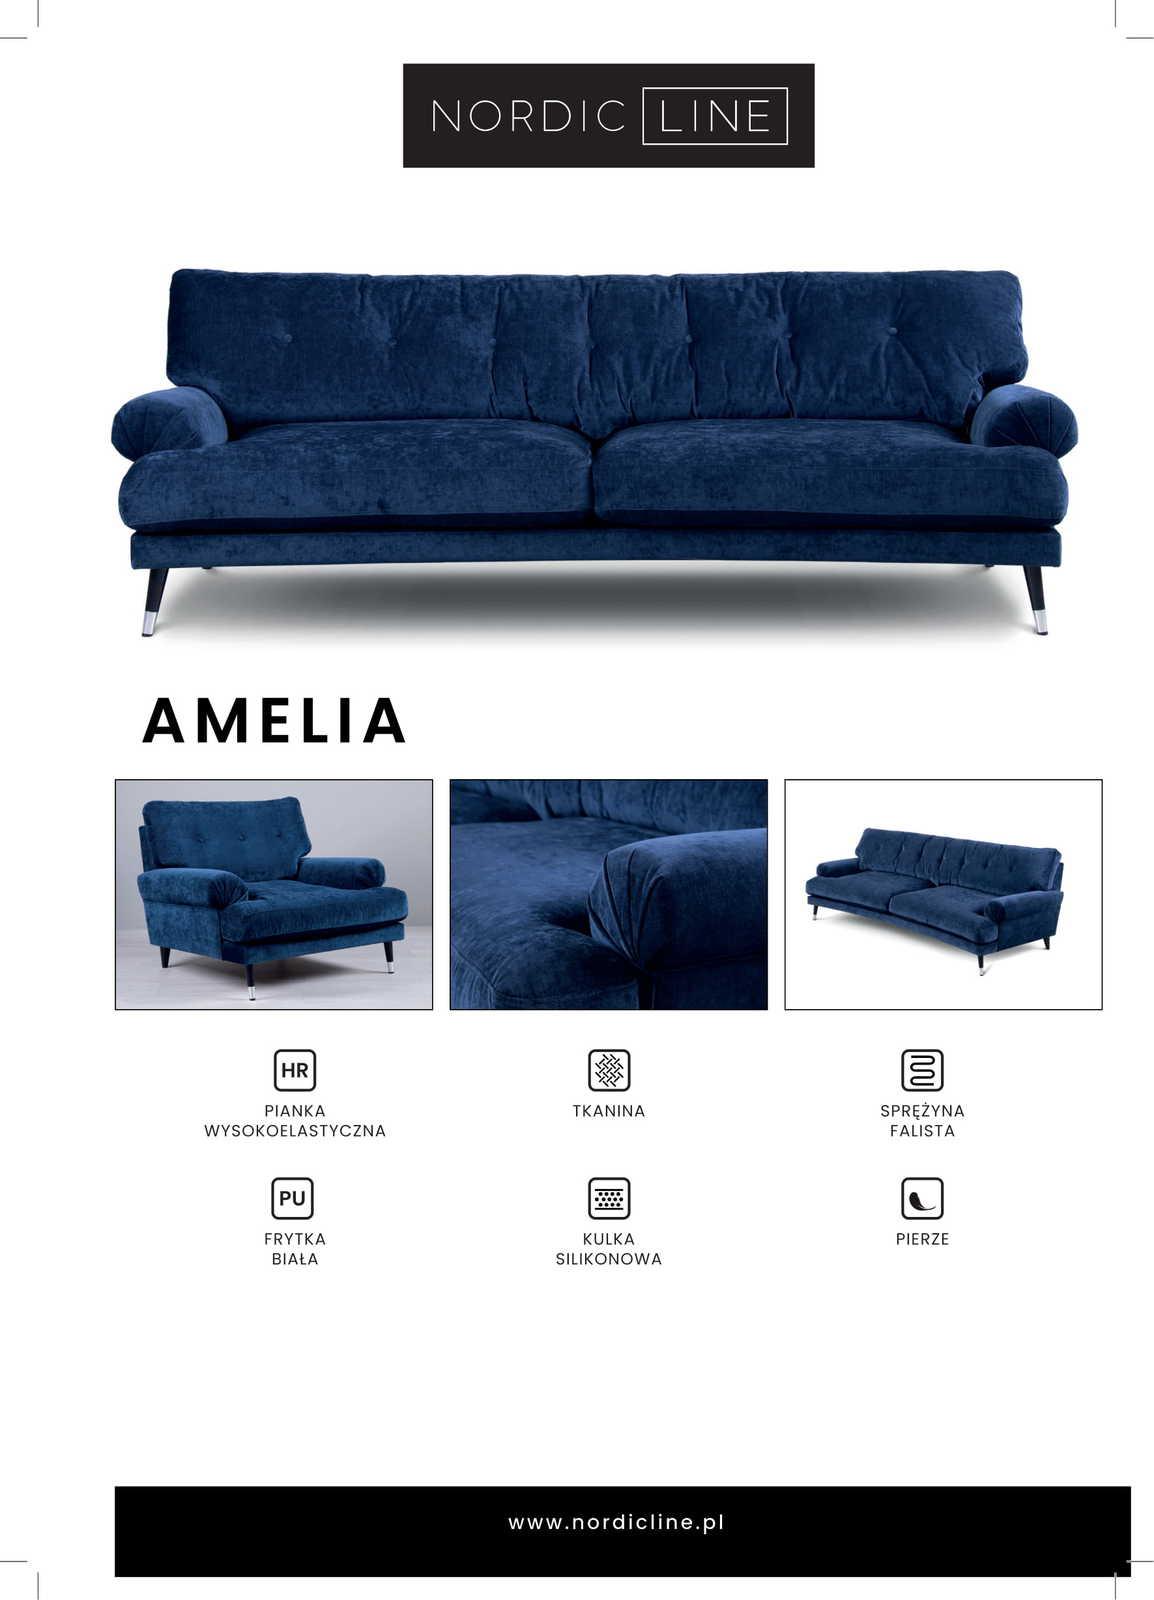 Amelia(krzywe) 1